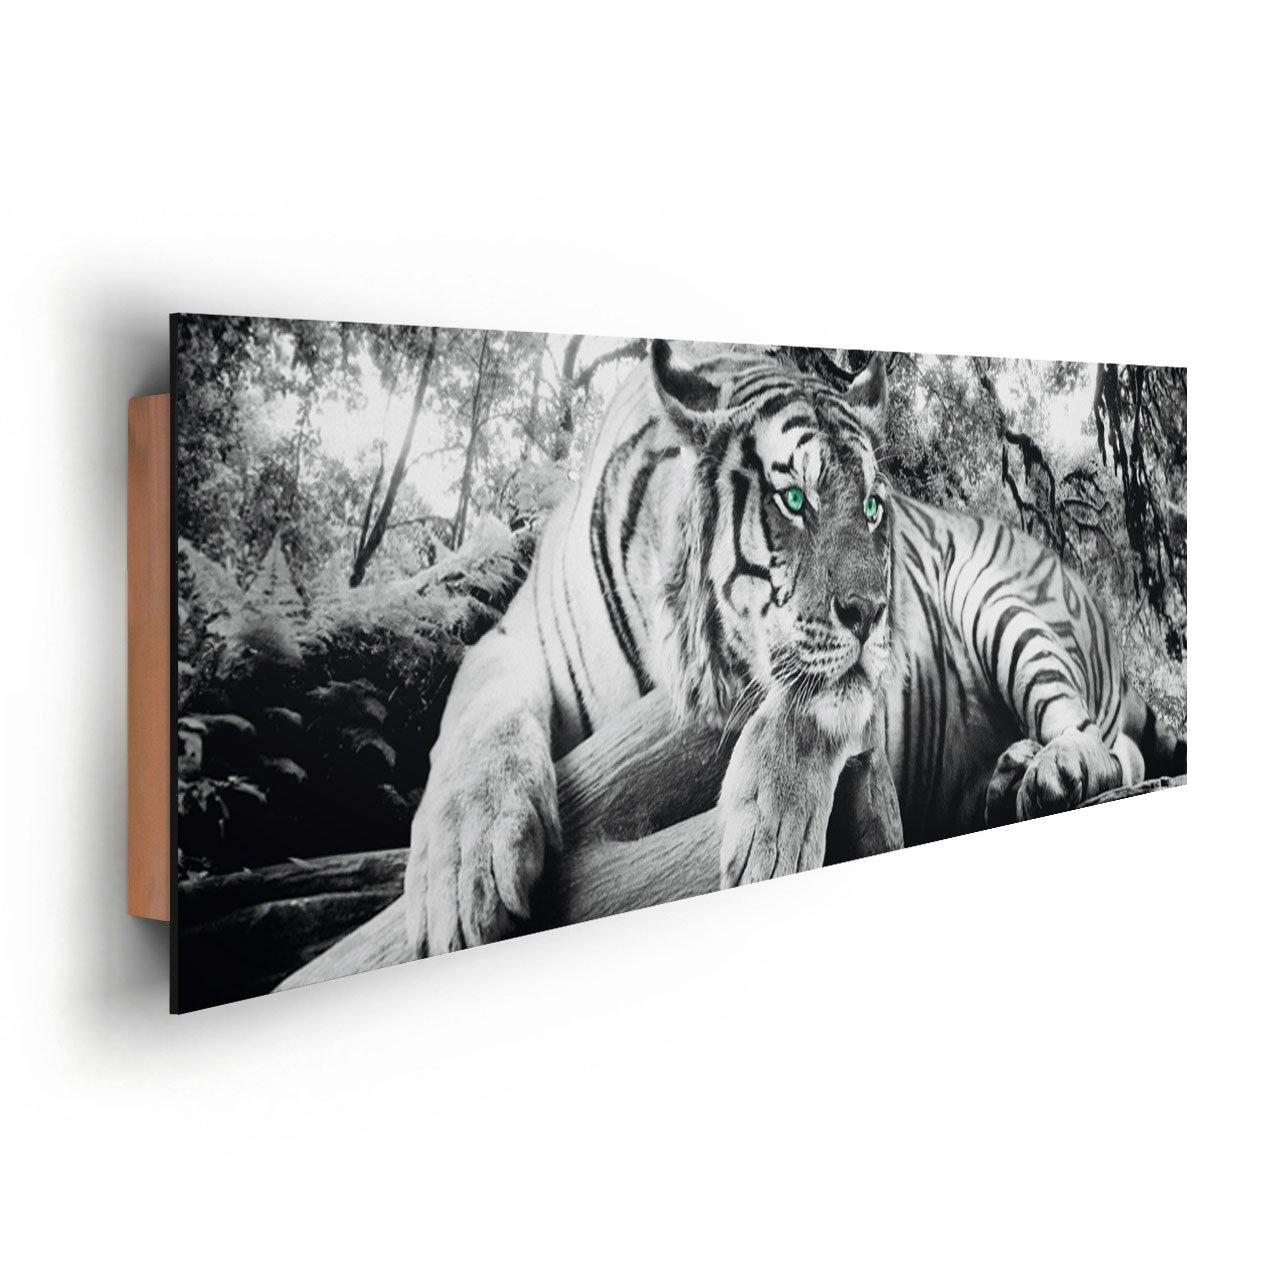 REINDERS Tiger guckt dich an - Wandbild 90 x 30 cm